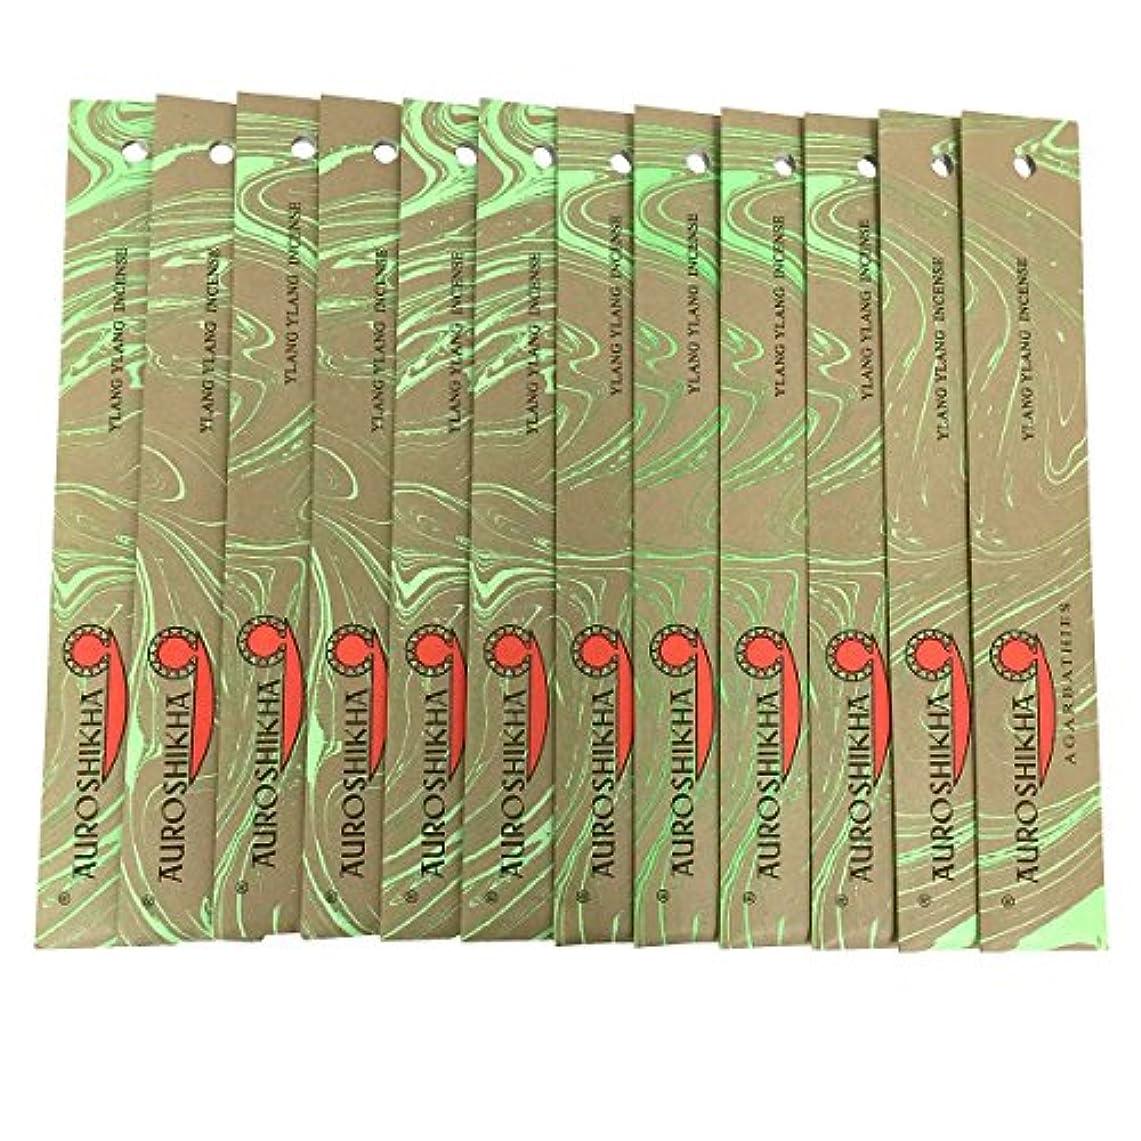 危険なカレンダーアナログAUROSHIKHA オウロシカ(YLANG YLANGイランイラン12個セット) マーブルパッケージスティック 送料無料